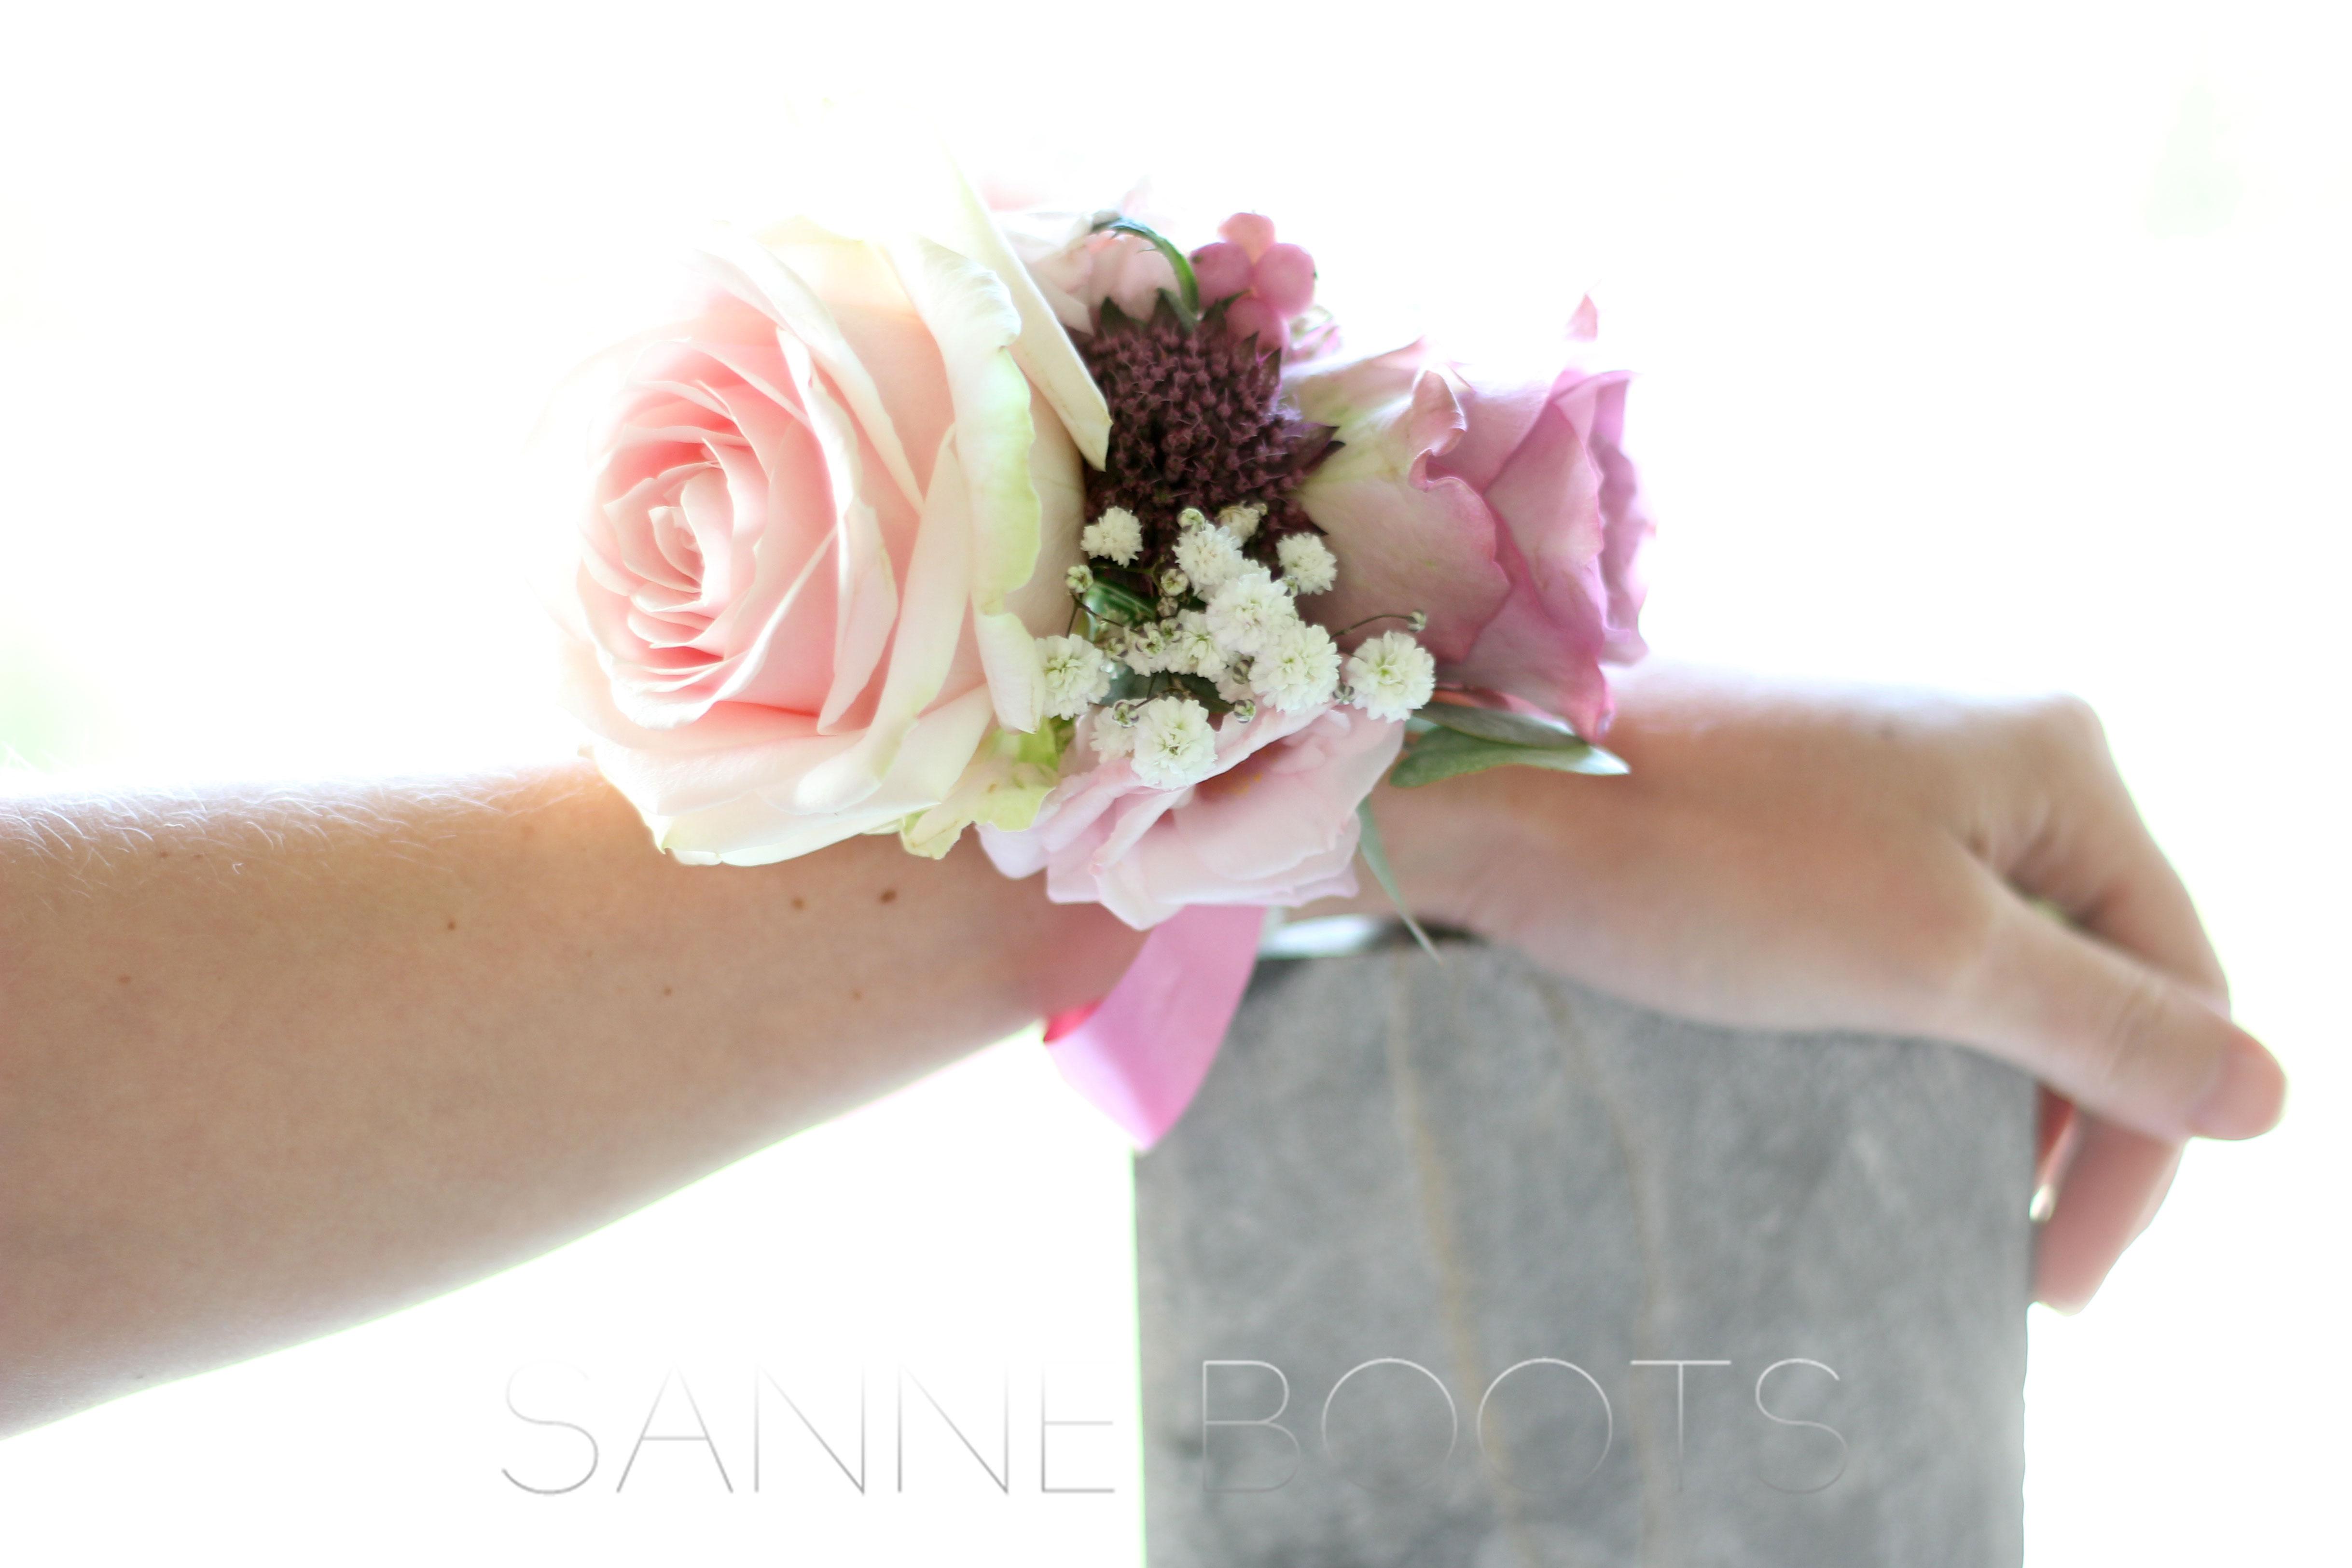 Polscorsage | Romantisch in roze en de perfecte vervanger van het bruidsboeket